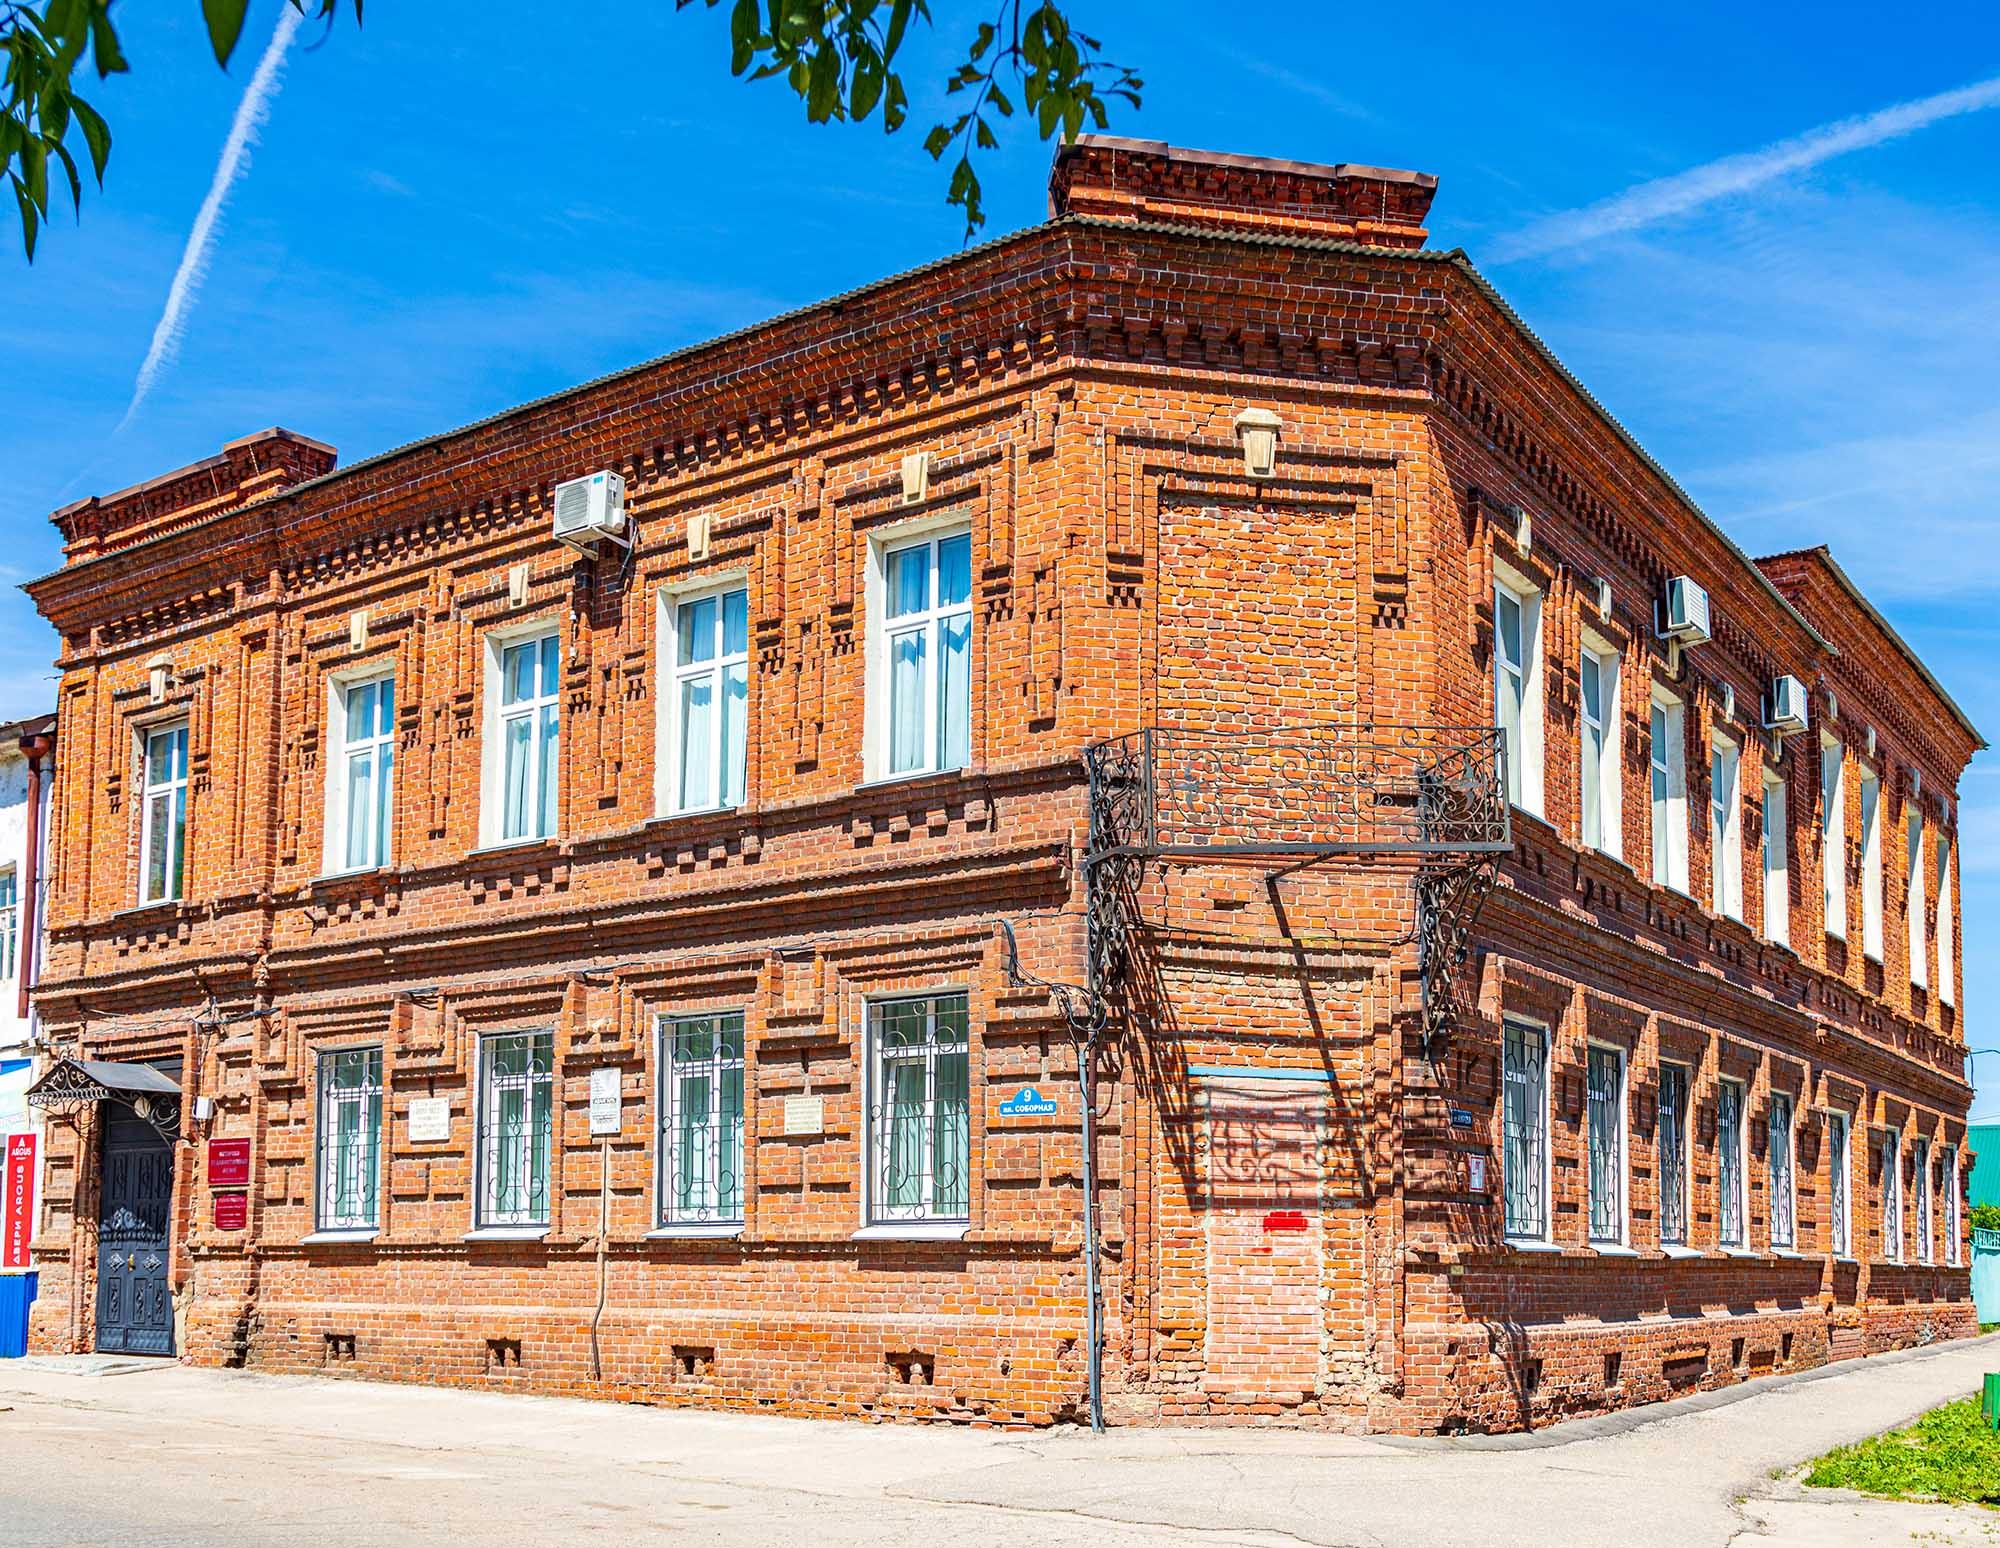 Выставка «Передвижники. Духовная Россия» откроется в Арзамасе 23 июля